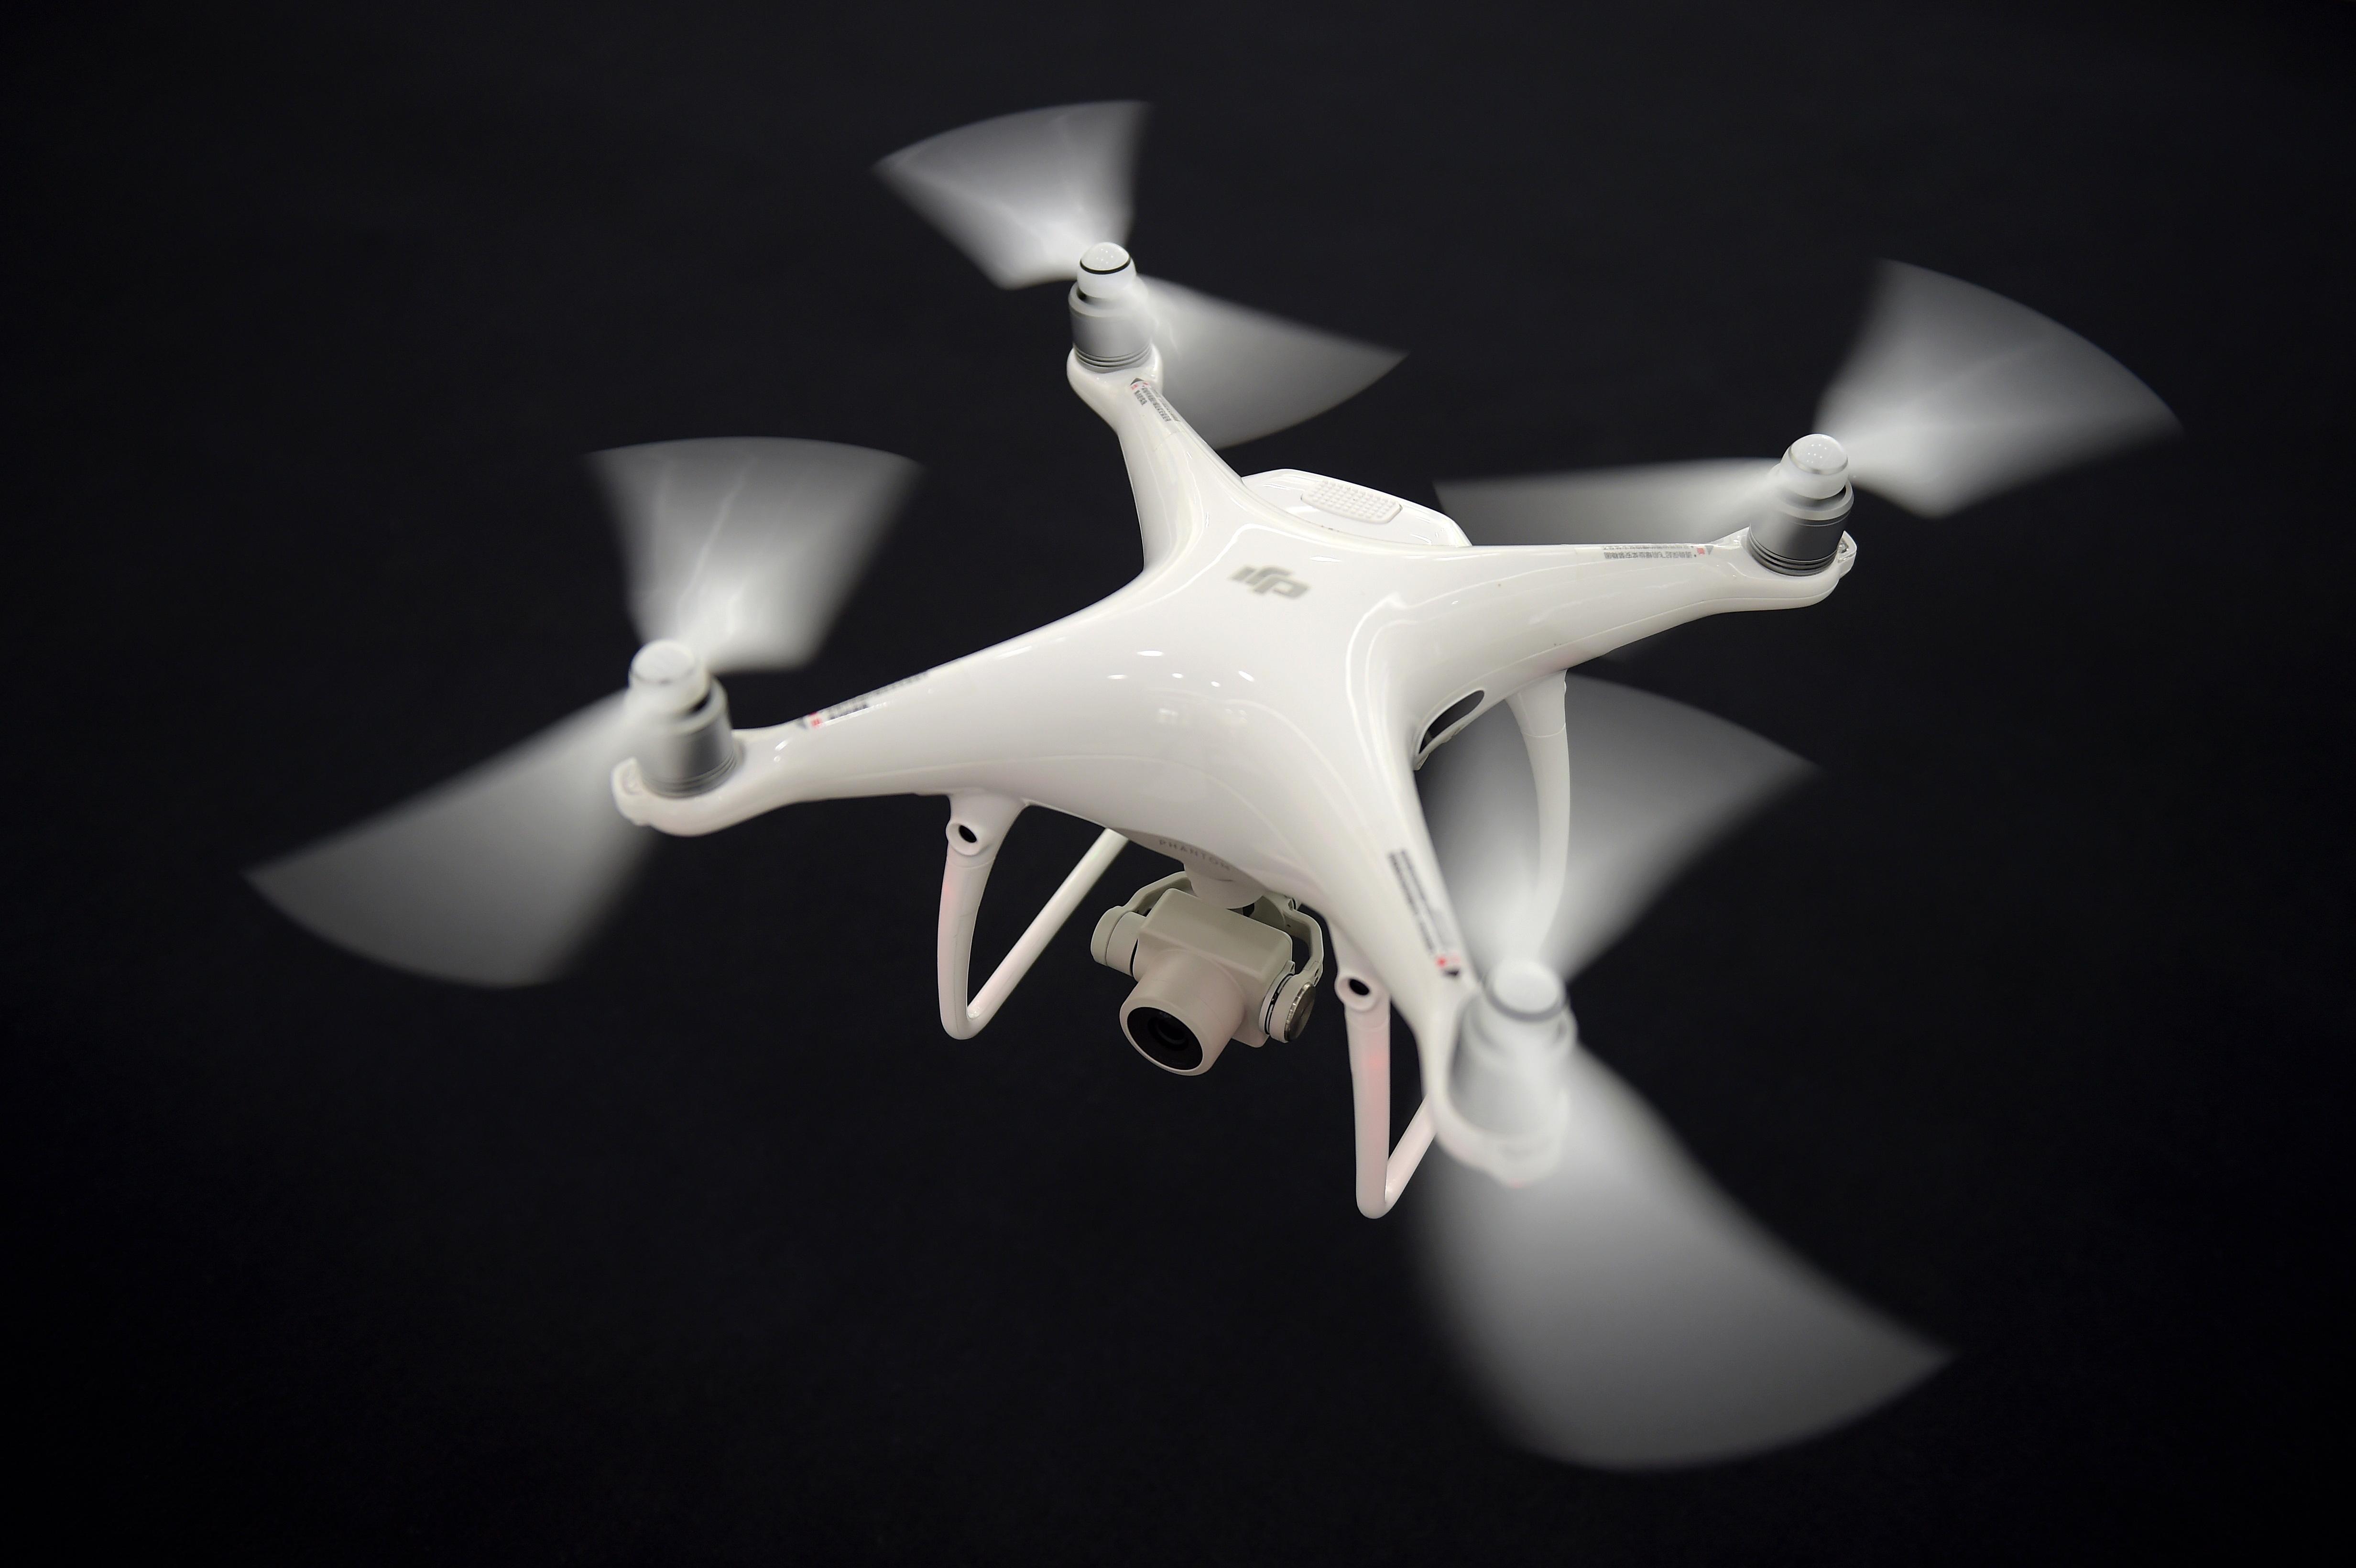 國防授權法案擬禁美軍使用中國製無人機